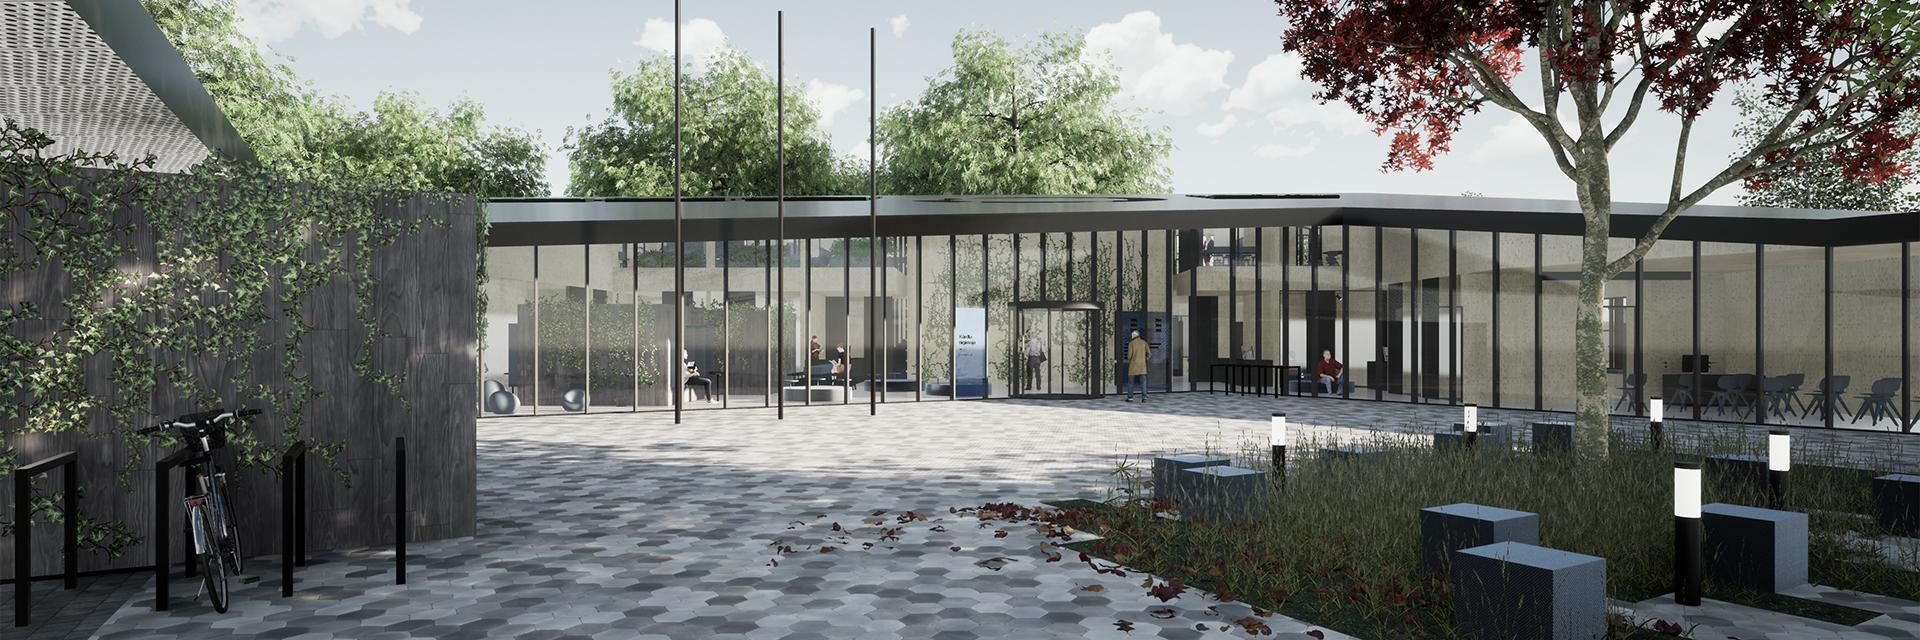 Kärdla riigi- ja kohtumaja arhitektuurivõistluse võitis Karisma arhitektid